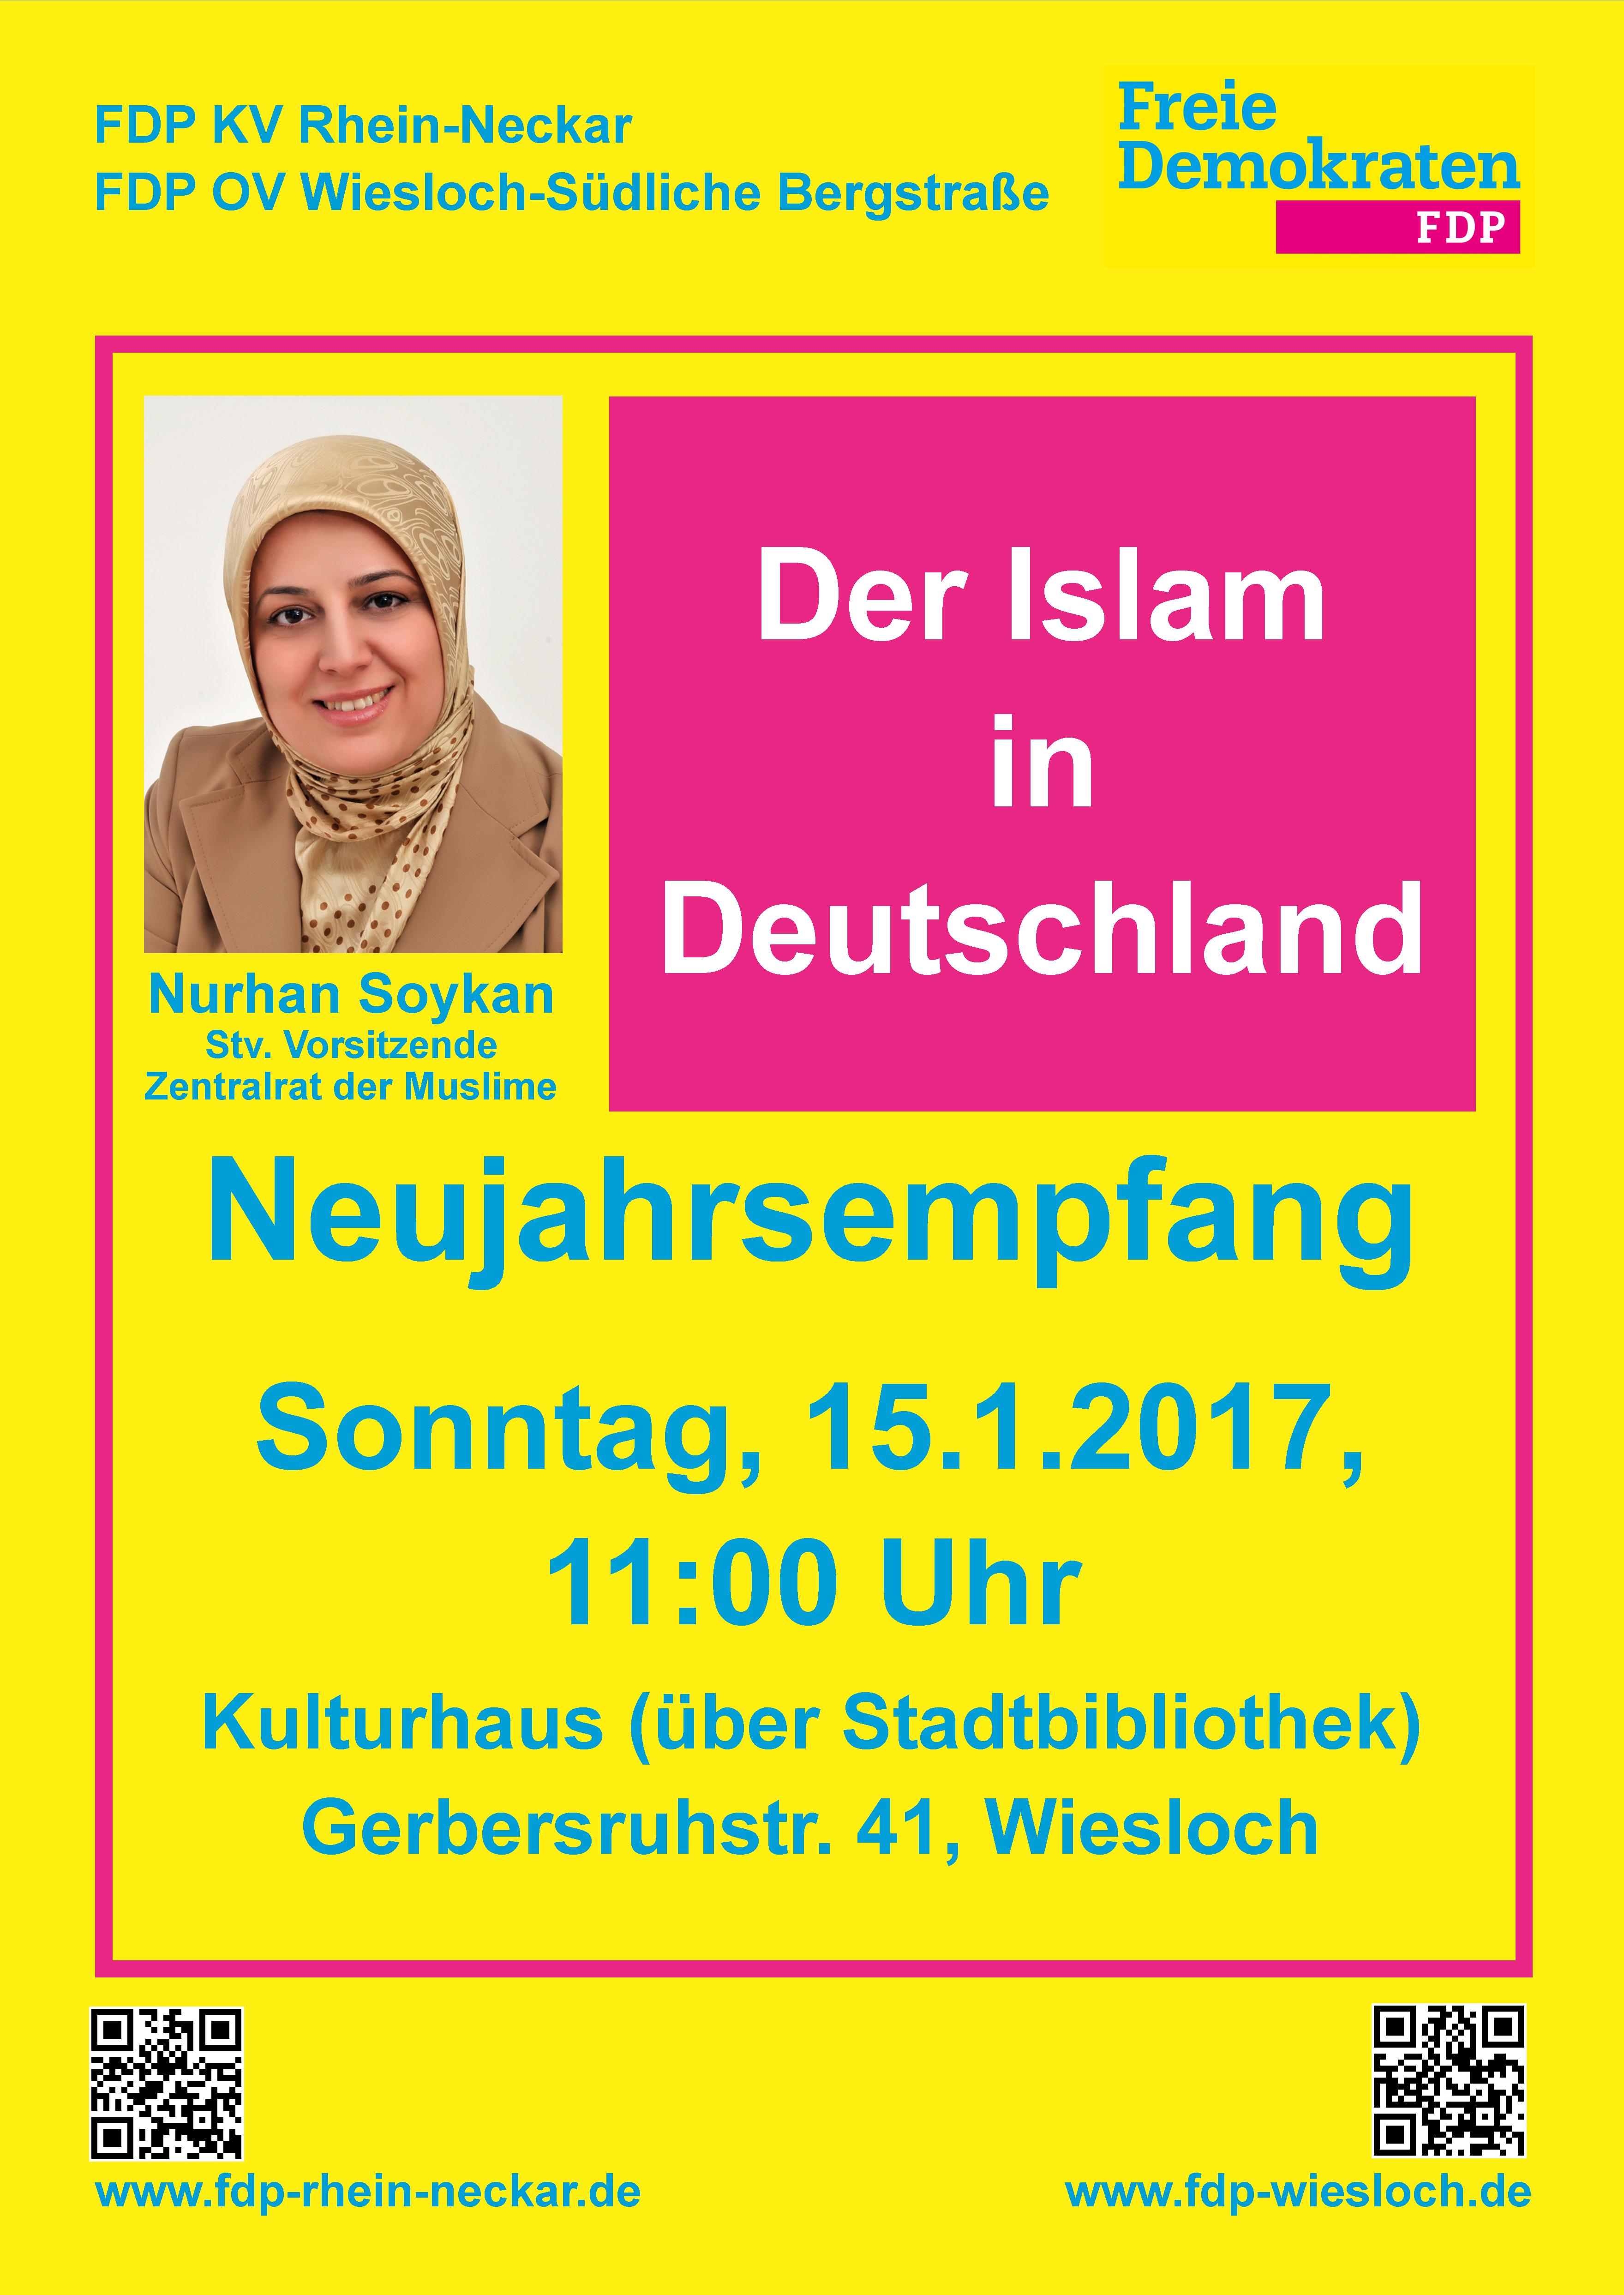 FDP_Neujahrsempfang_20170115_Plakat_v2